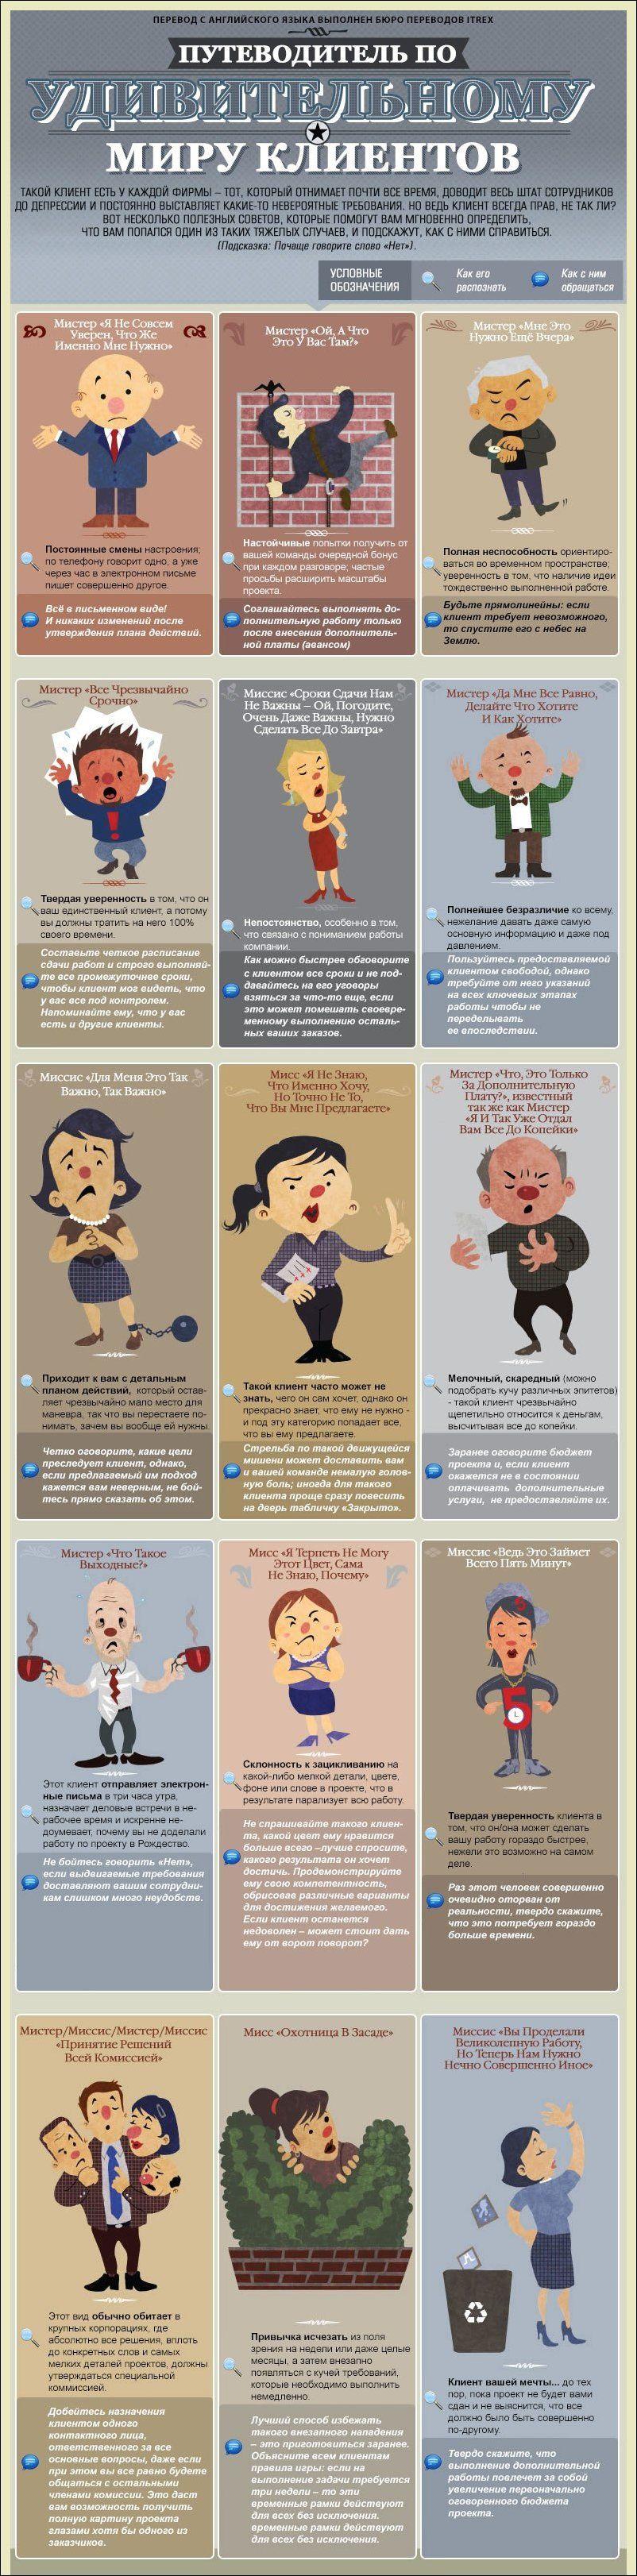 Познавательная классификация клиентов (1 картинка)